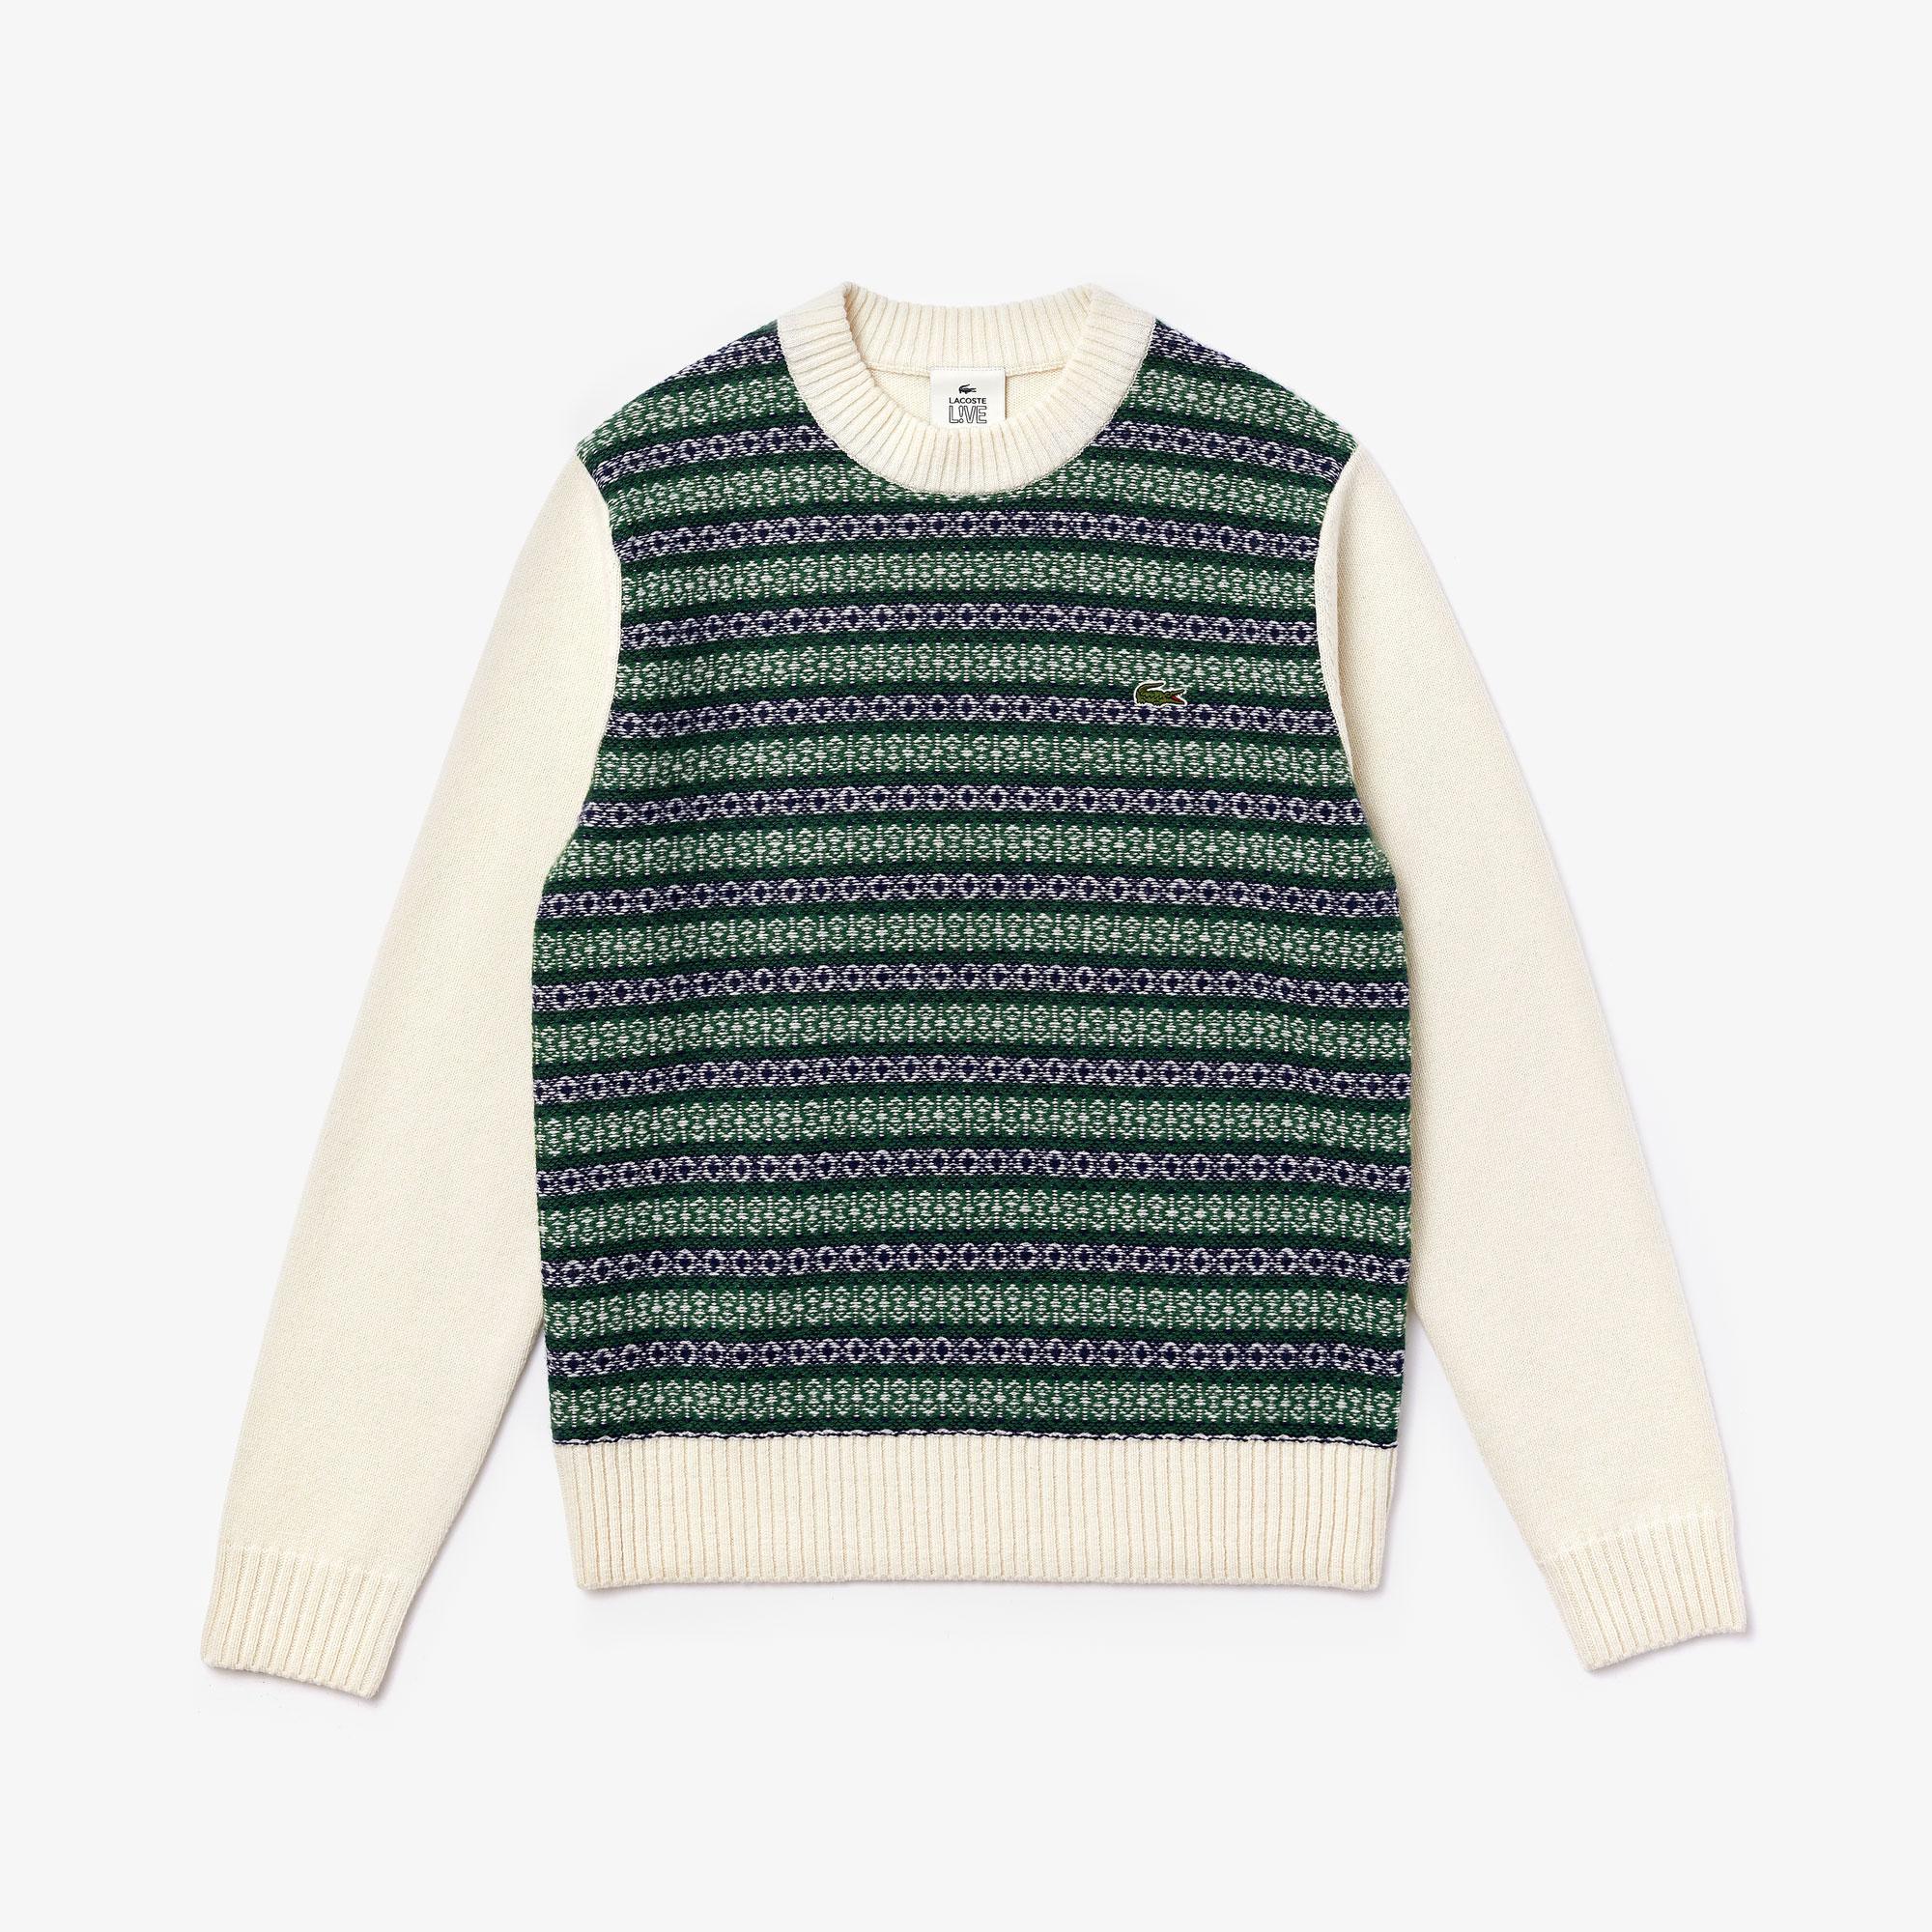 Lacoste Unisex Live Sweter Z Mieszanki Wełny Z Motywem Żakardowym Z Okrągłym Wycięciem Pod Szyją